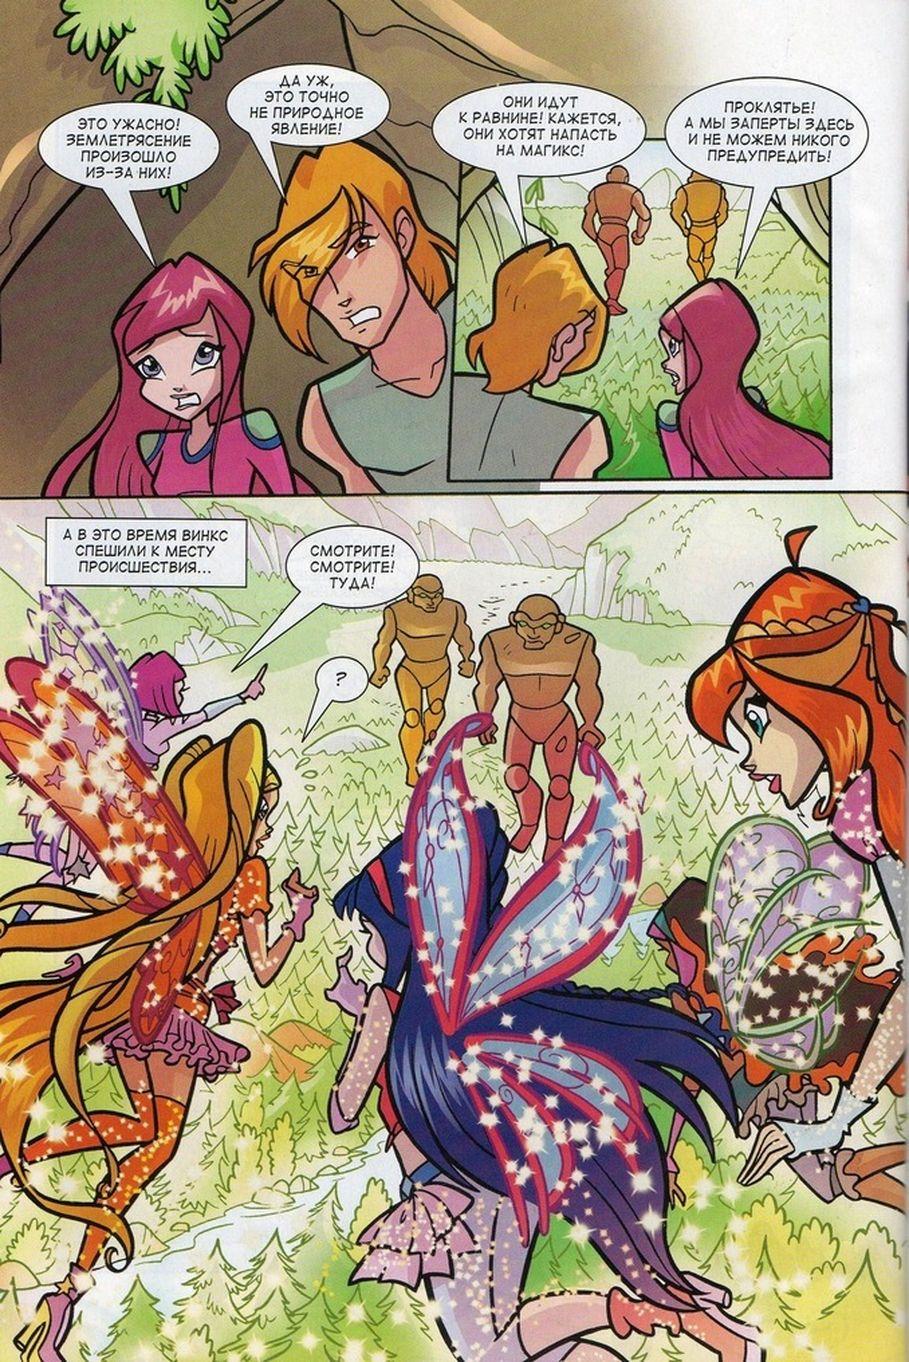 Комикс Винкс Winx - Каменные великаны (Журнал Винкс №11 2011) - стр. 33